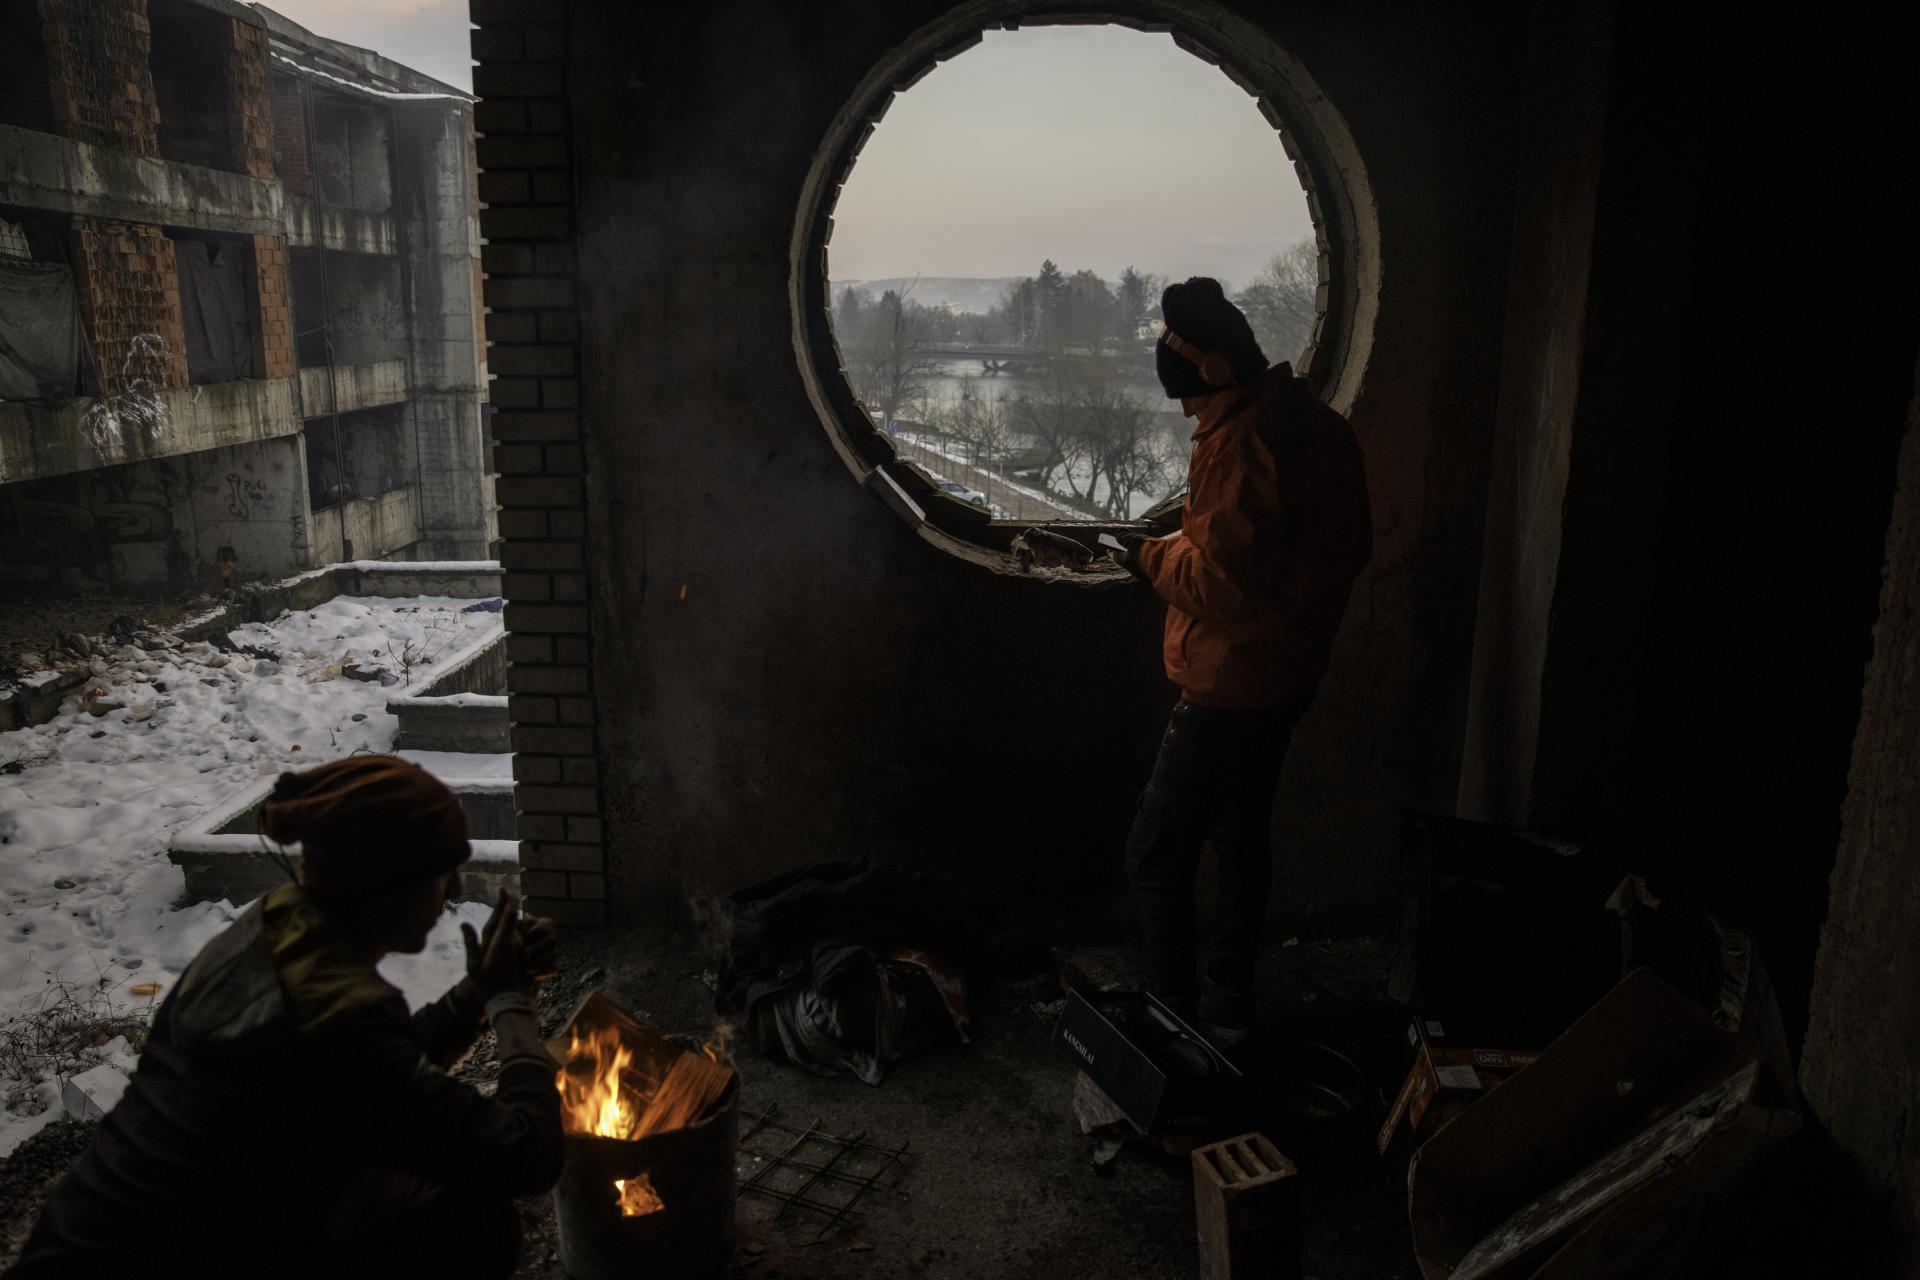 Des migrants afghans, dans un squat, à Bihac, en Bosnie-Herzégovine, par moins 10 degrés, le 14 janvier.